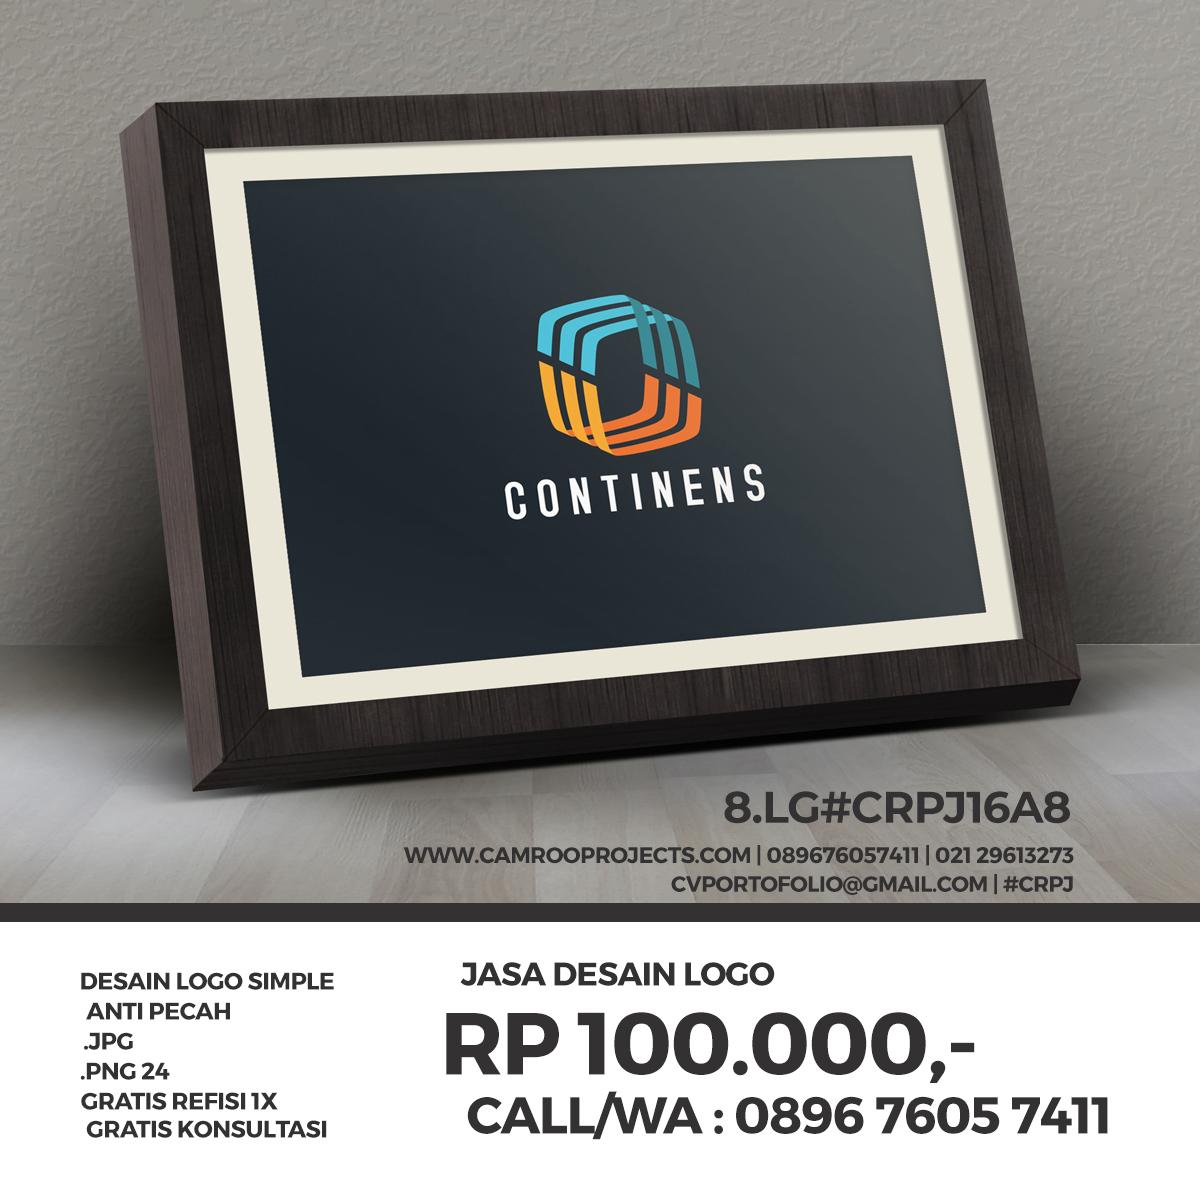 Jasa Desain Logo Resmi Di Bekasi